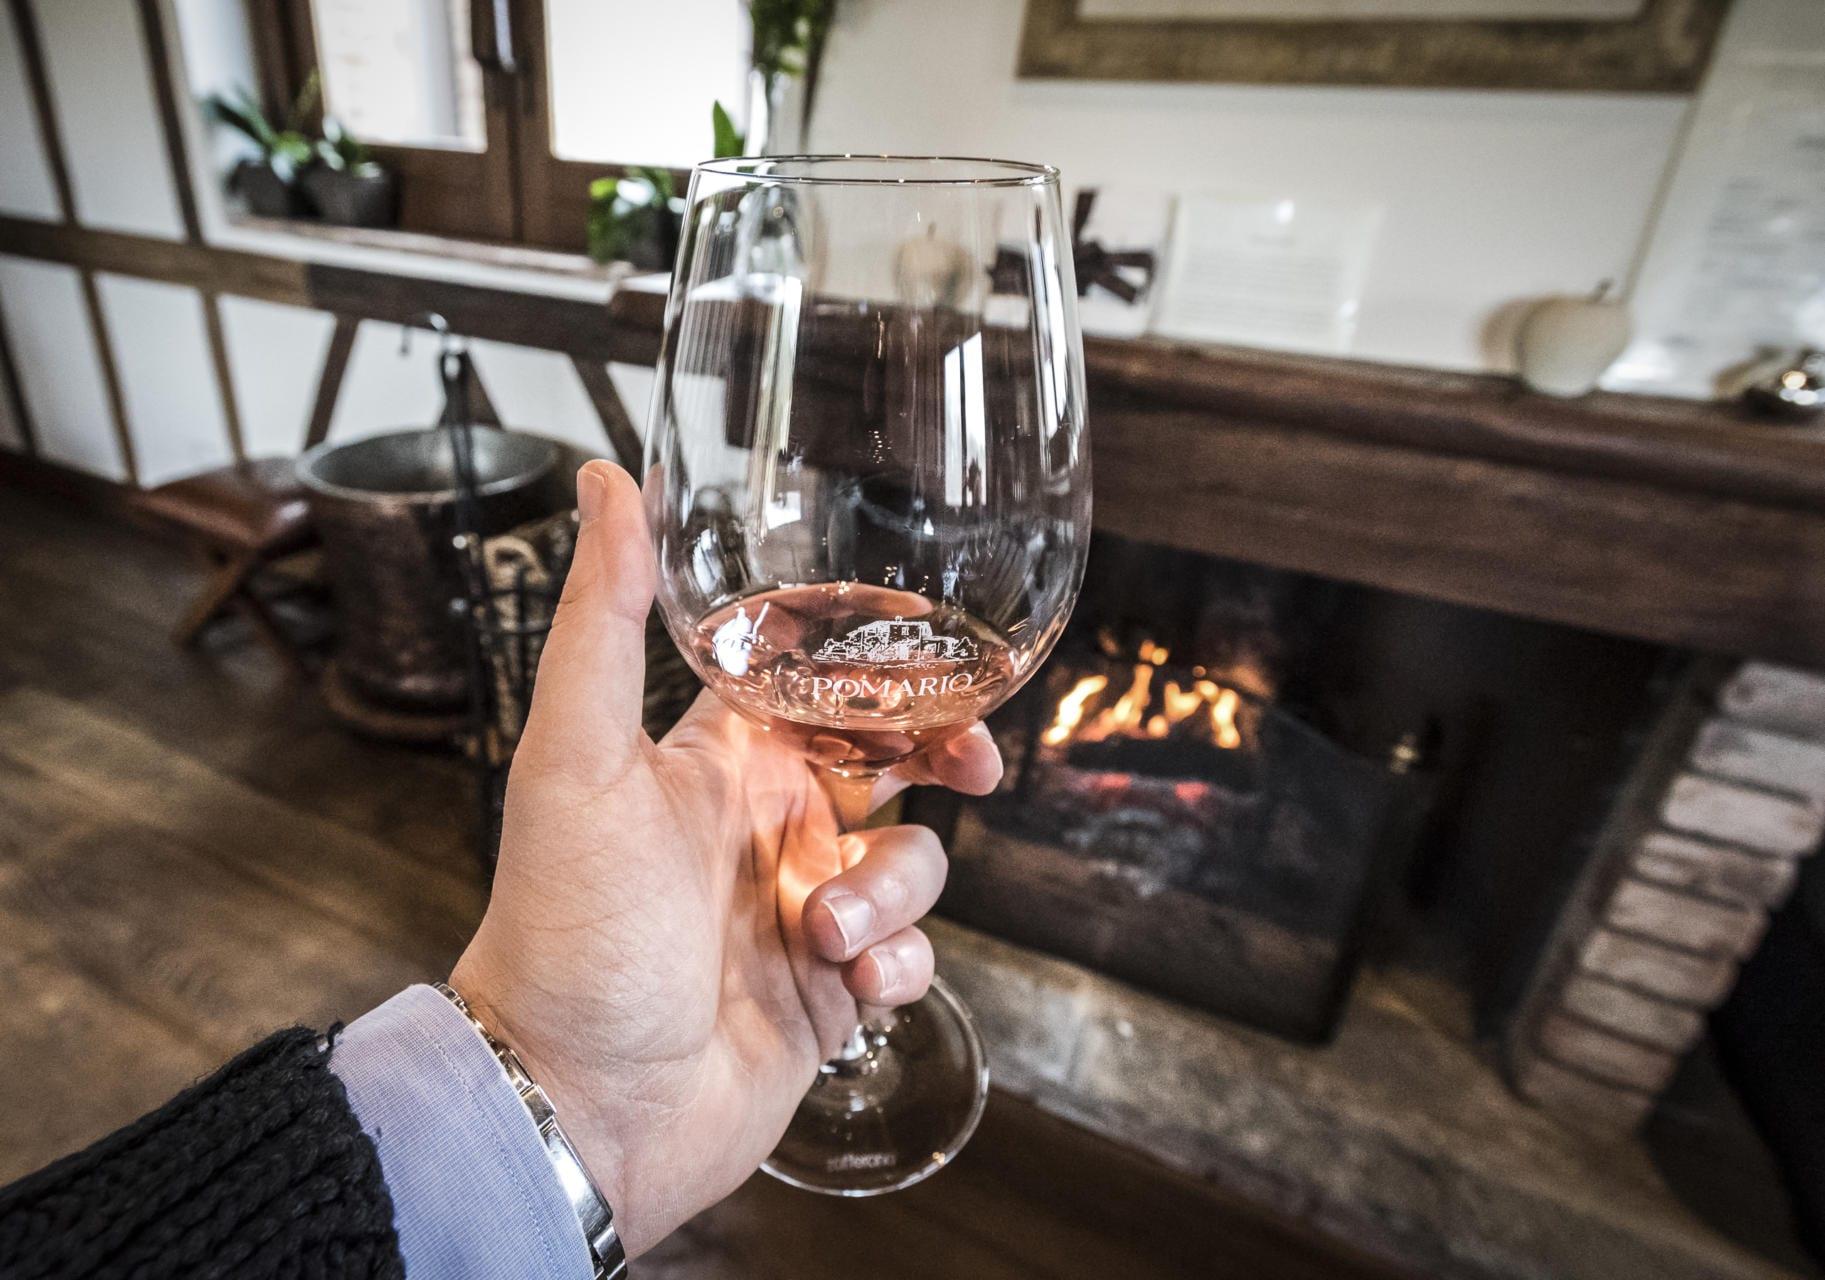 Prøvesmaking av vin - Foto: Paolo Menchetti